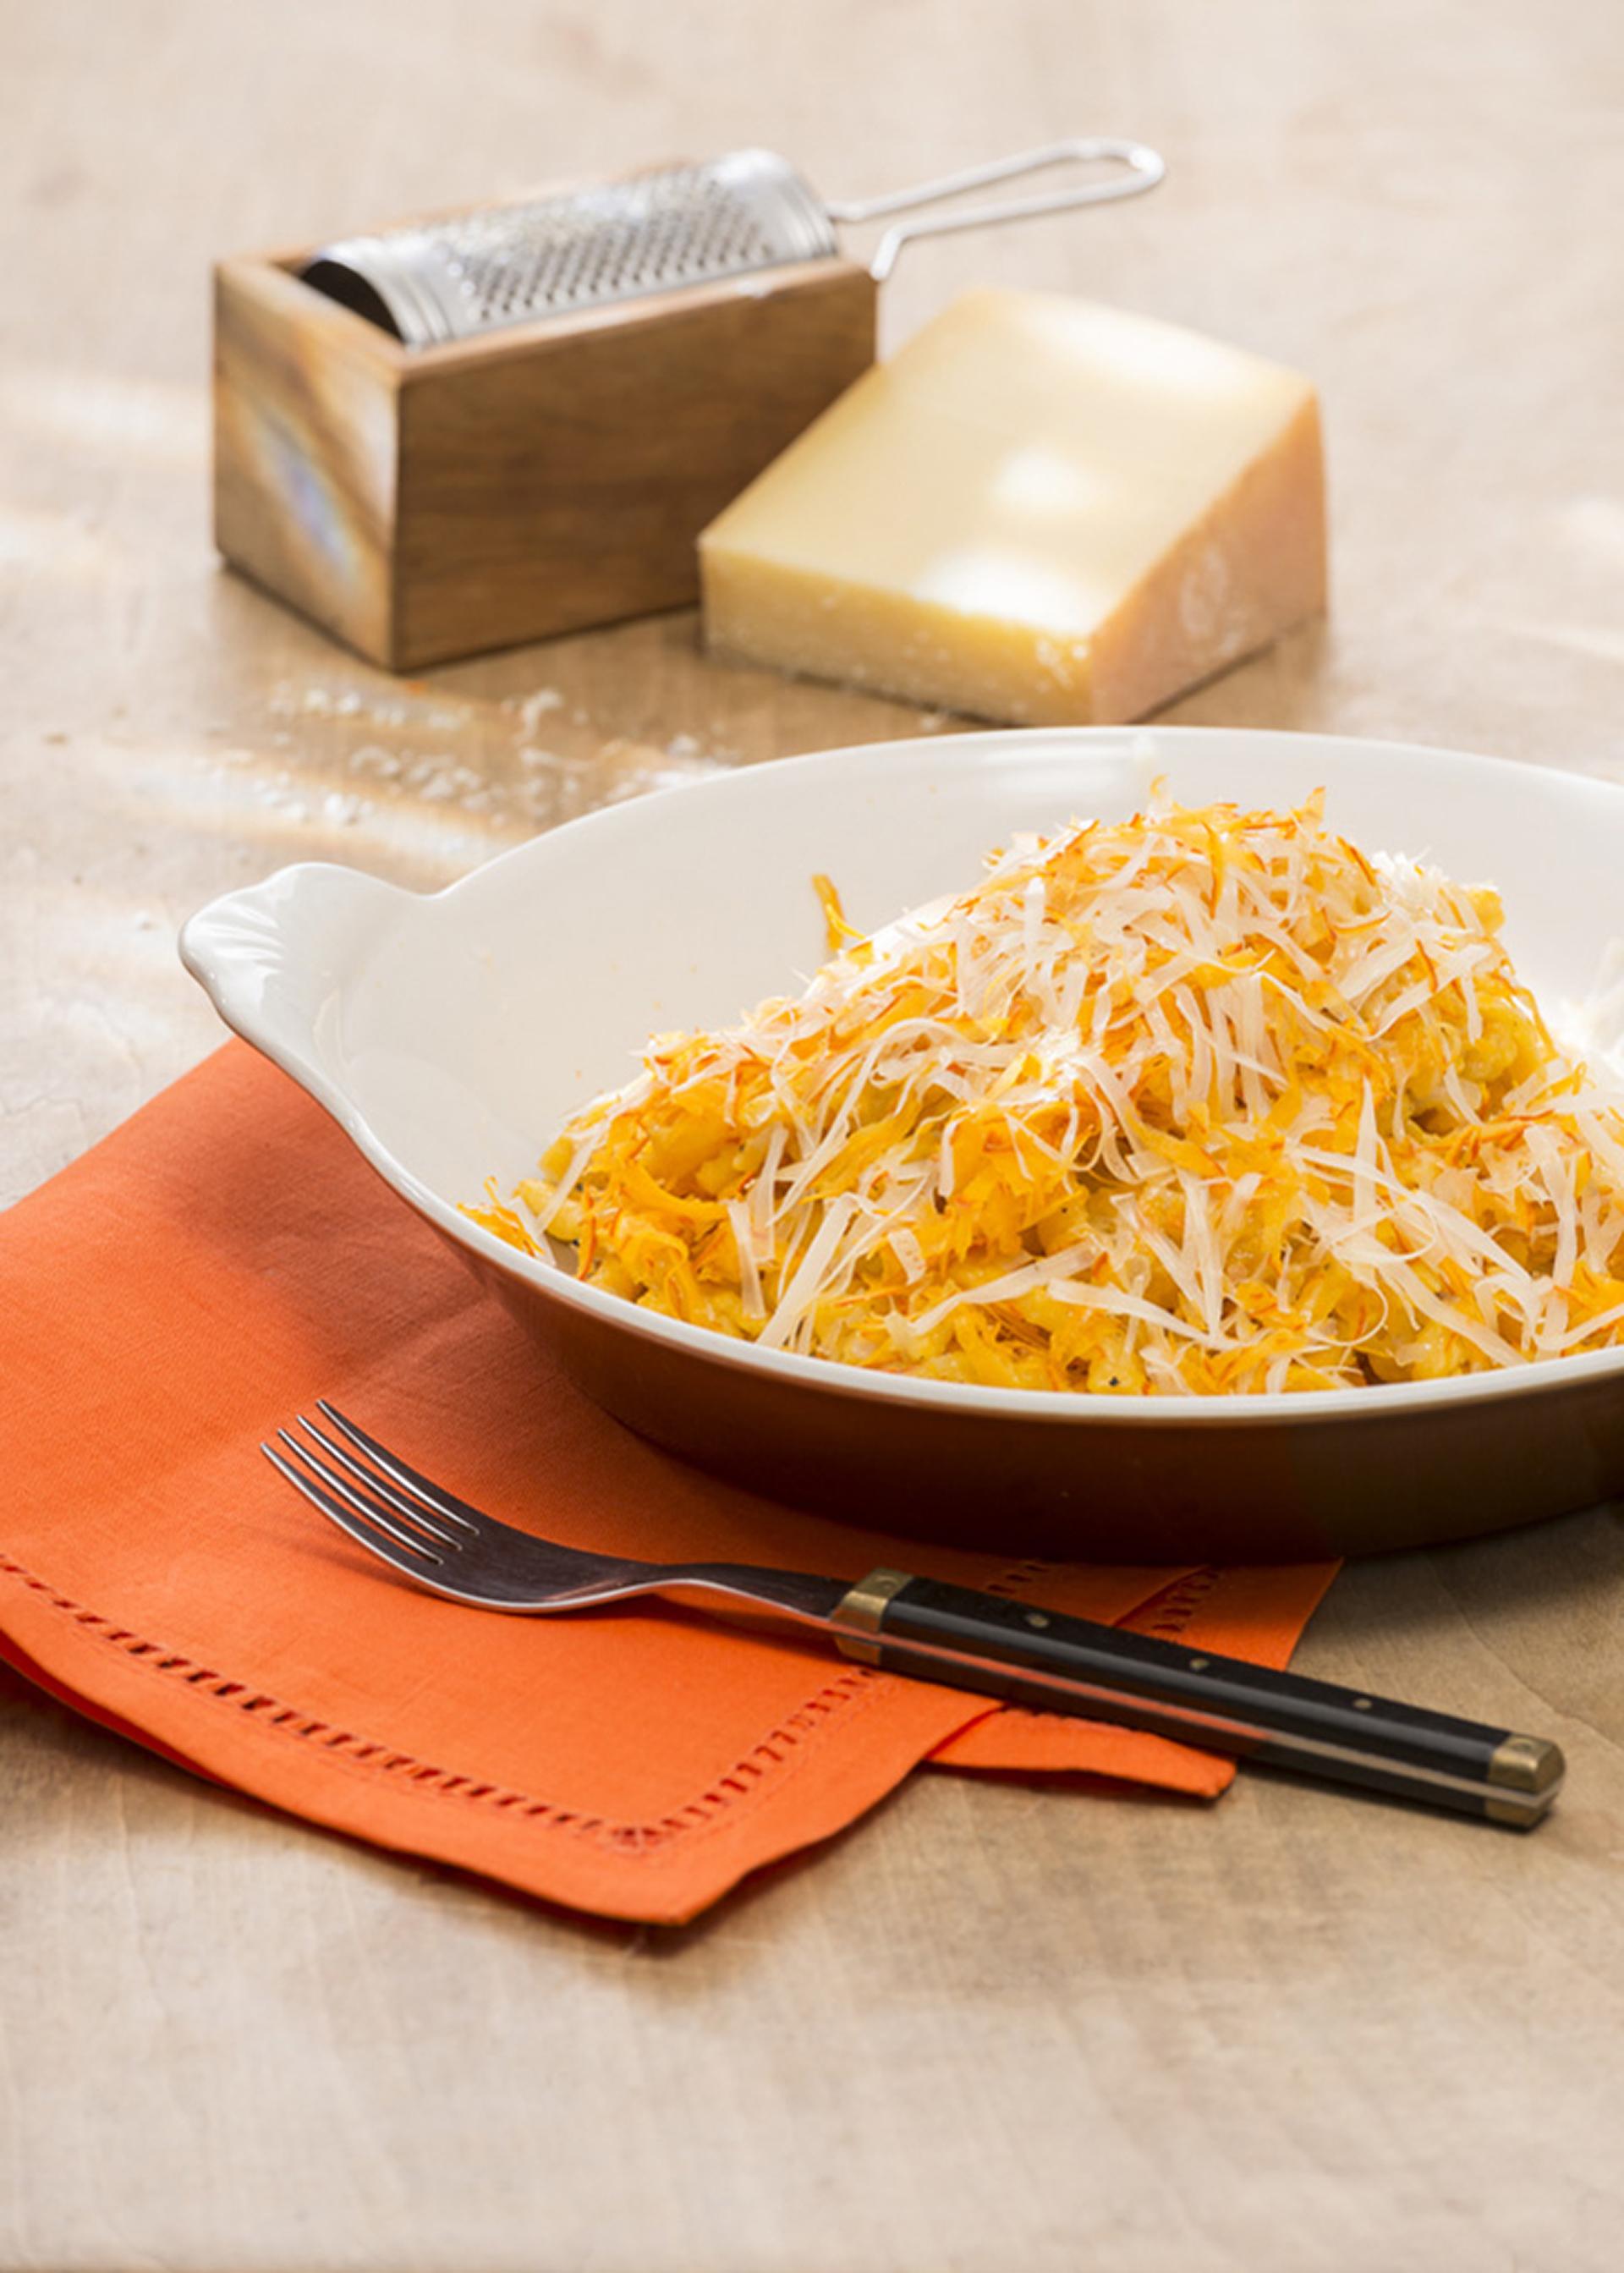 Lecker, gesund und einfach magisch: Kürbis-Käse-Spätzle